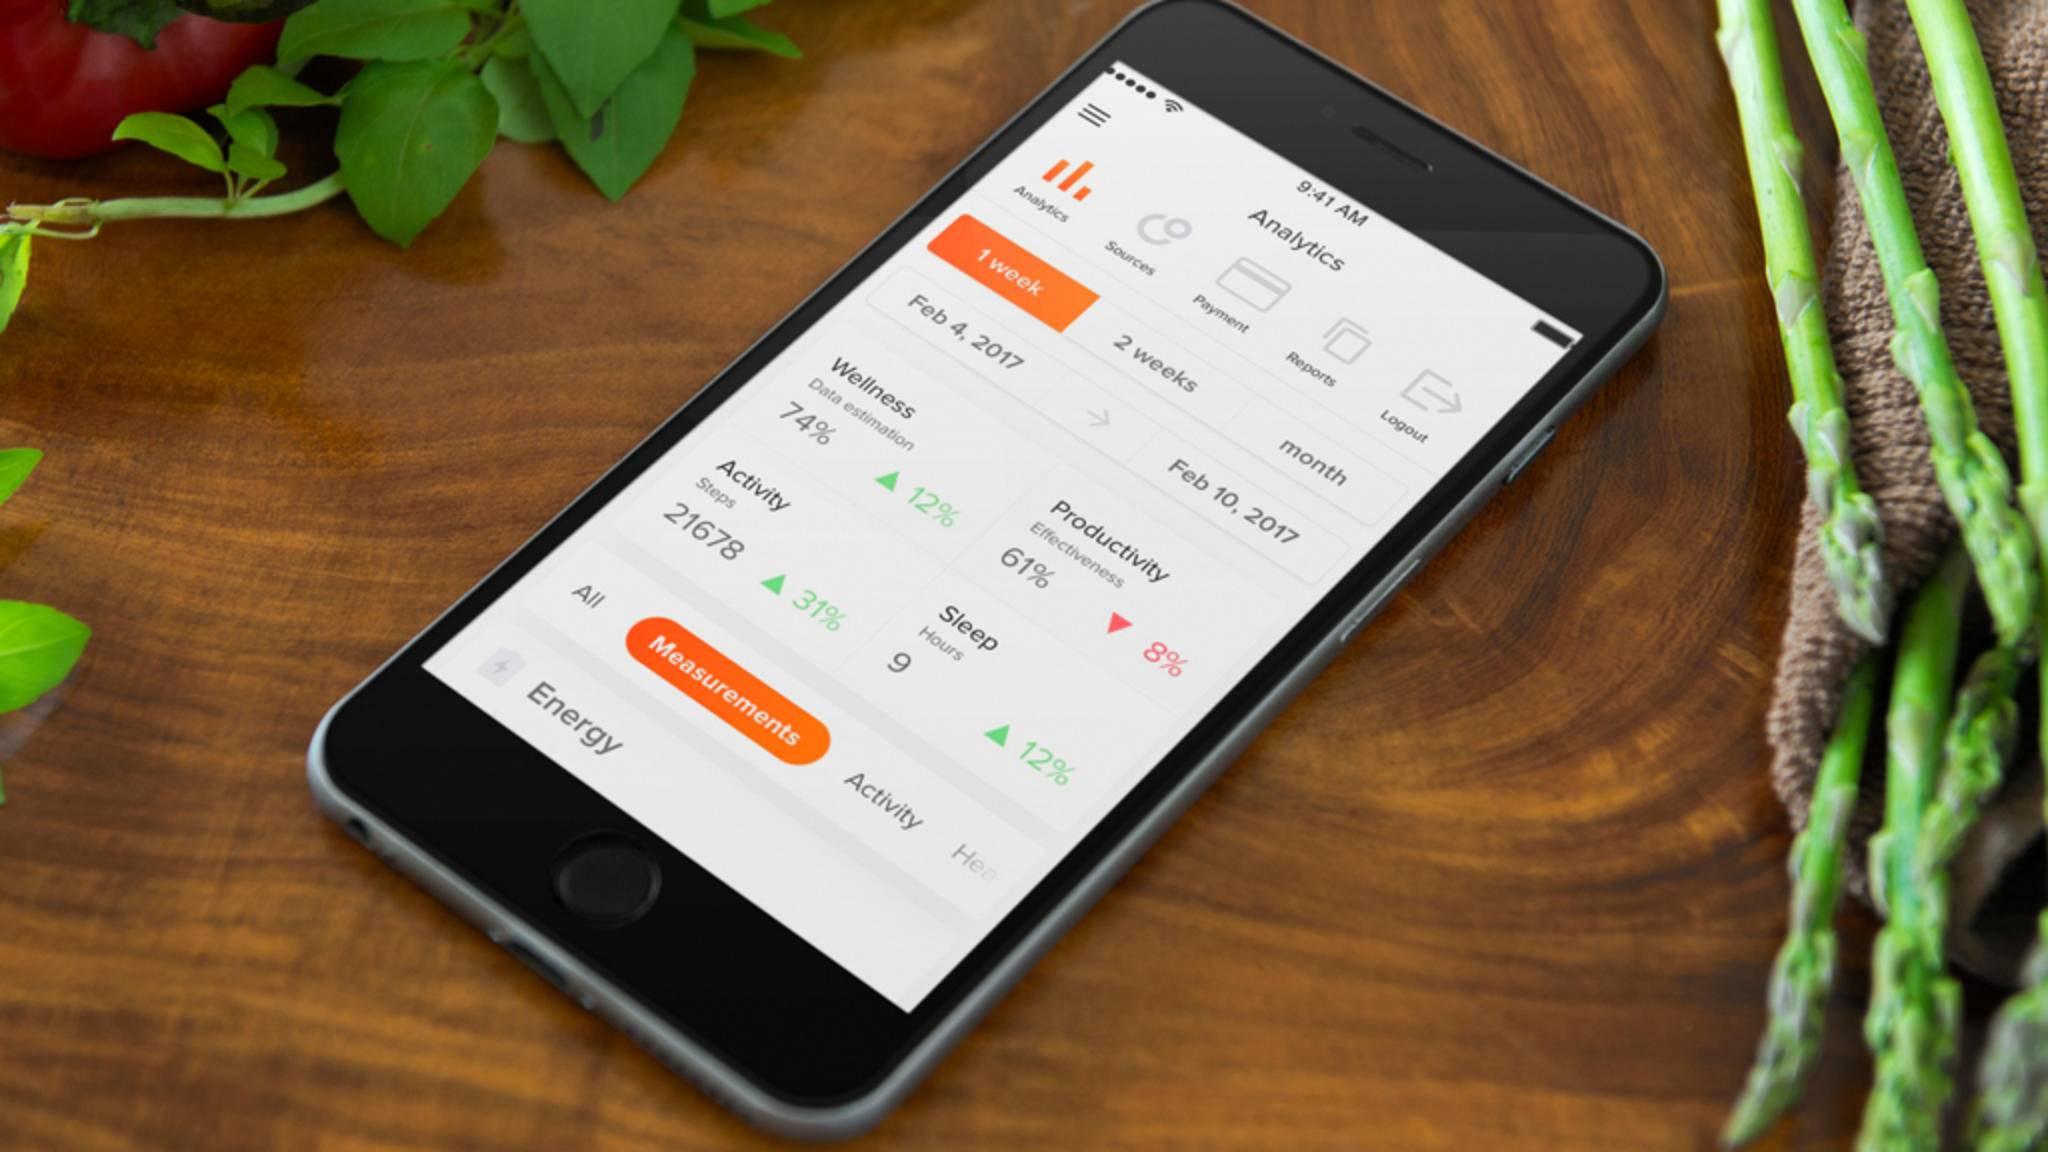 Die App Welltory soll dem User aufzeigen, welche Verhaltensweisen und Umwelteinflüsse sich auf sein Energie- und Stresslevel auswirken.